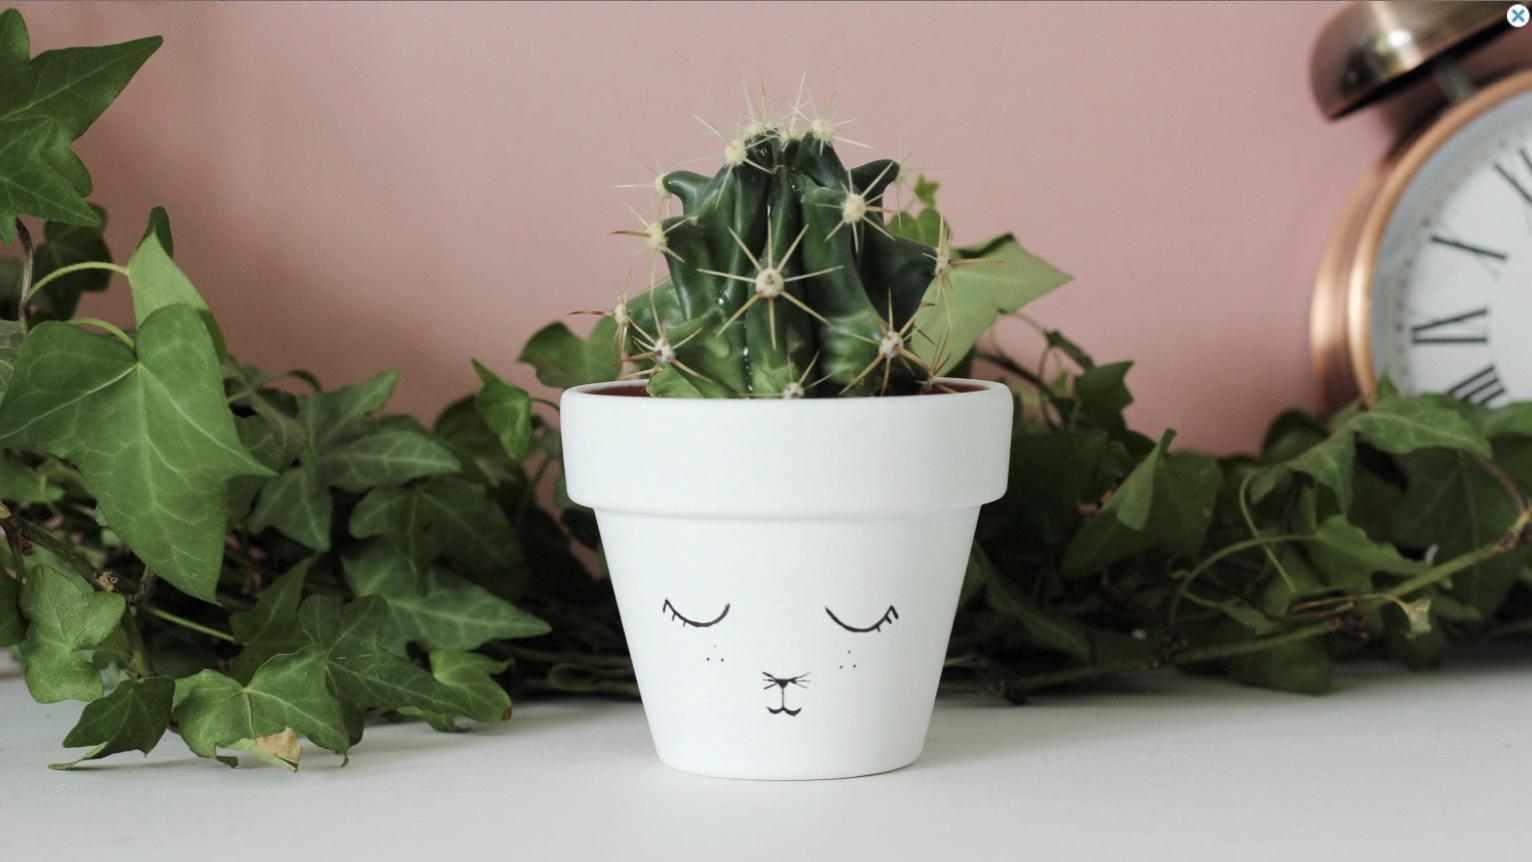 Adorable-Cat-Plant-Pot